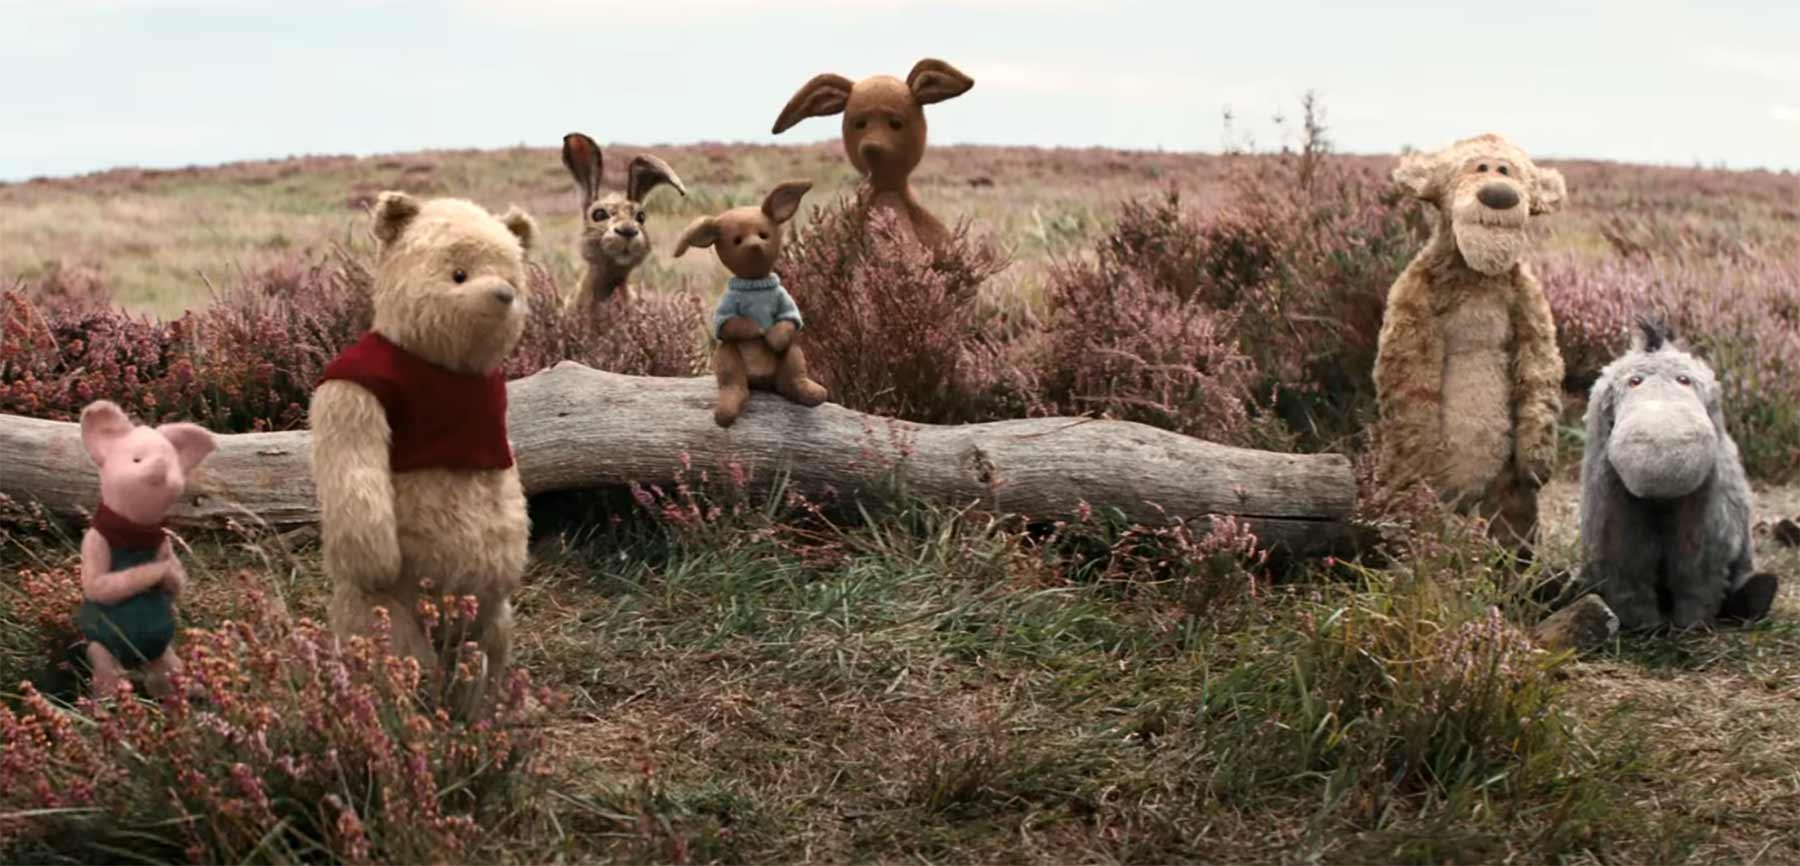 Christopher Robin: Trailer Christopher-Robin-Trailer